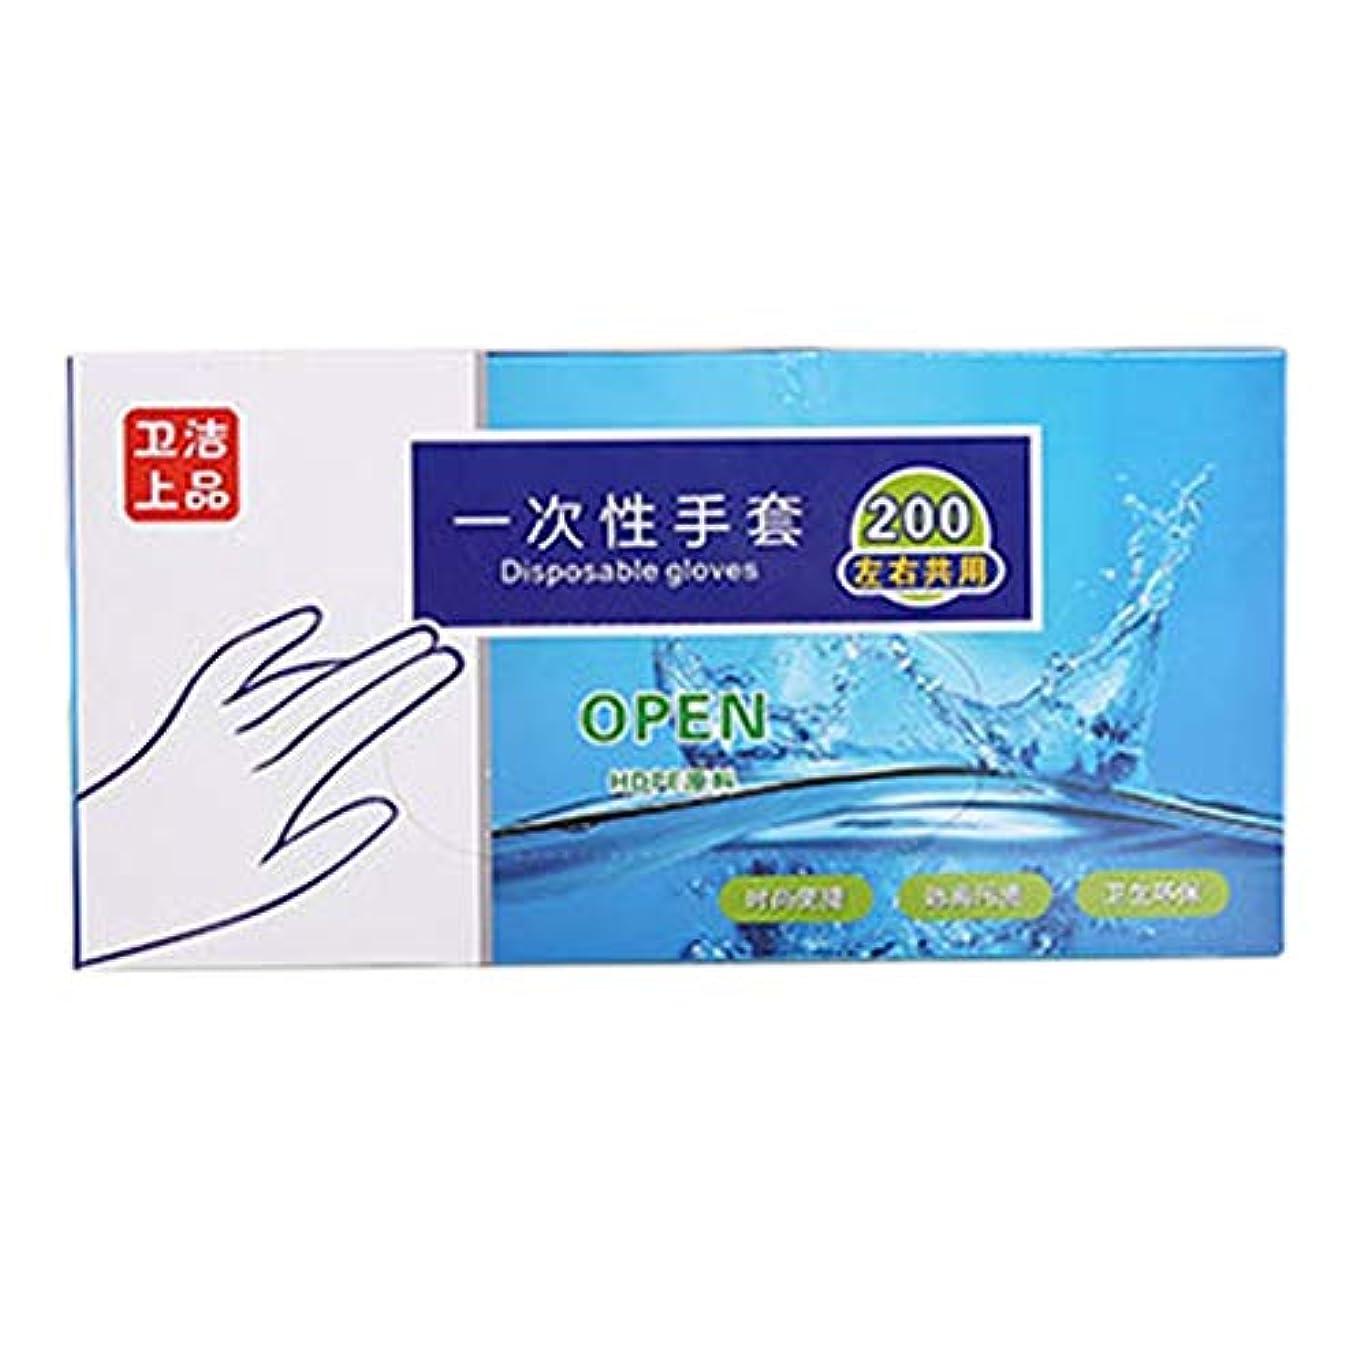 誤解する材料時刻表Moresave 200枚 使い捨て手袋 使いきり手袋 キッチン 掃除用具 防水防油 透明 厚手